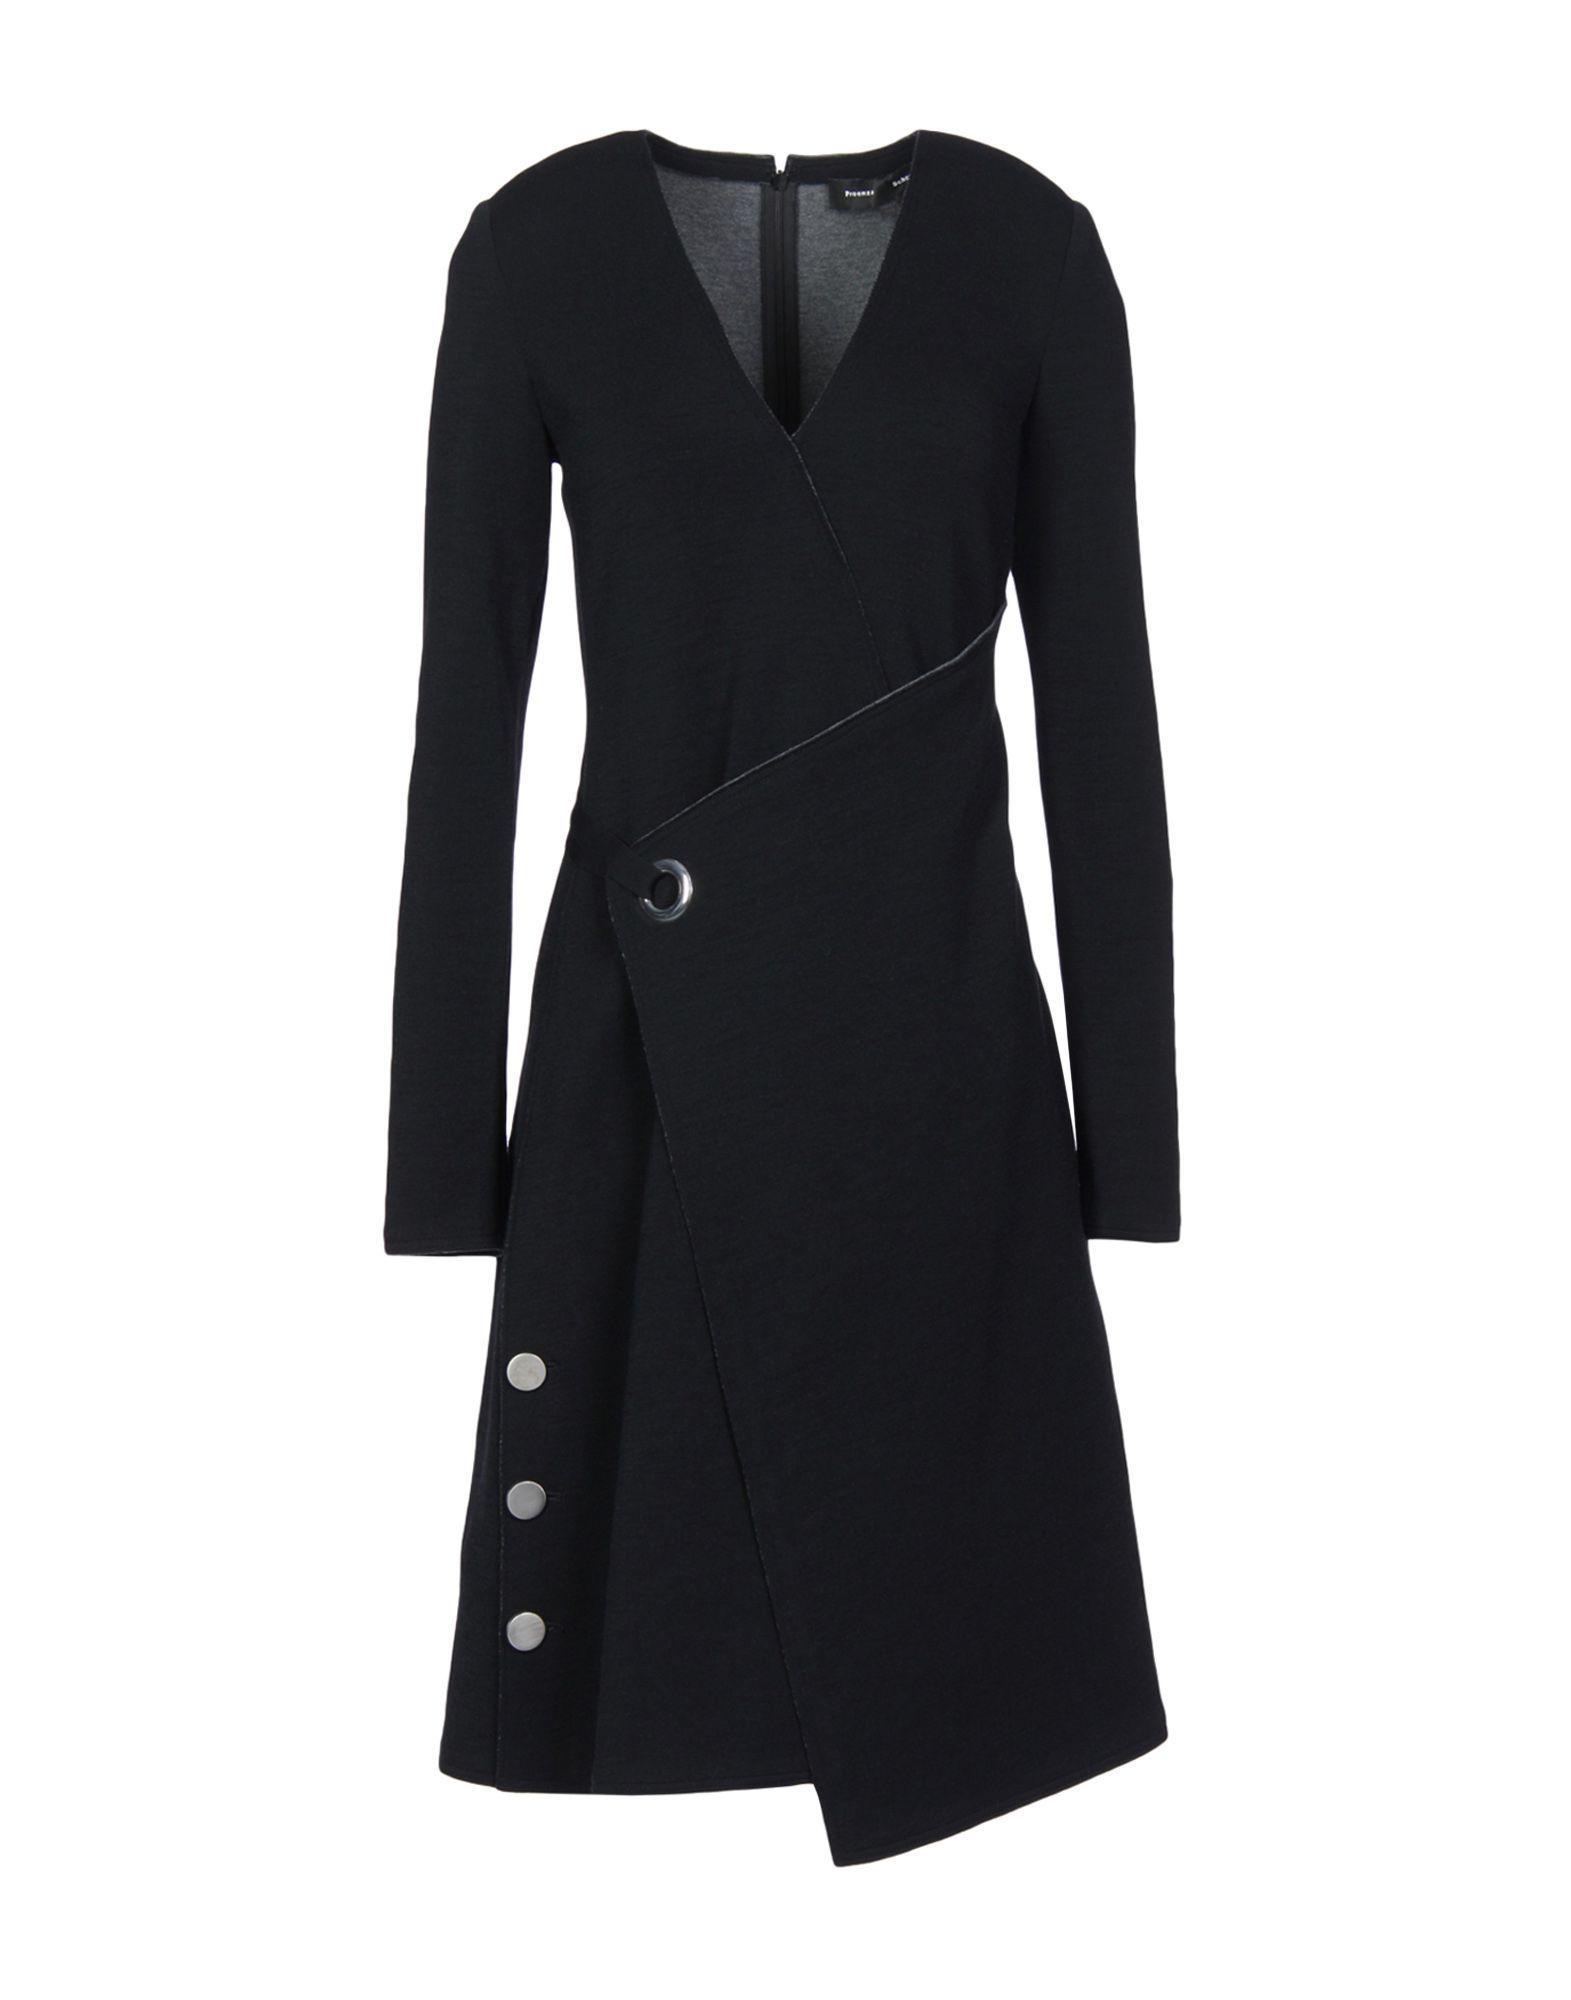 Proenza Schouler Knee-Length Dresses In Black